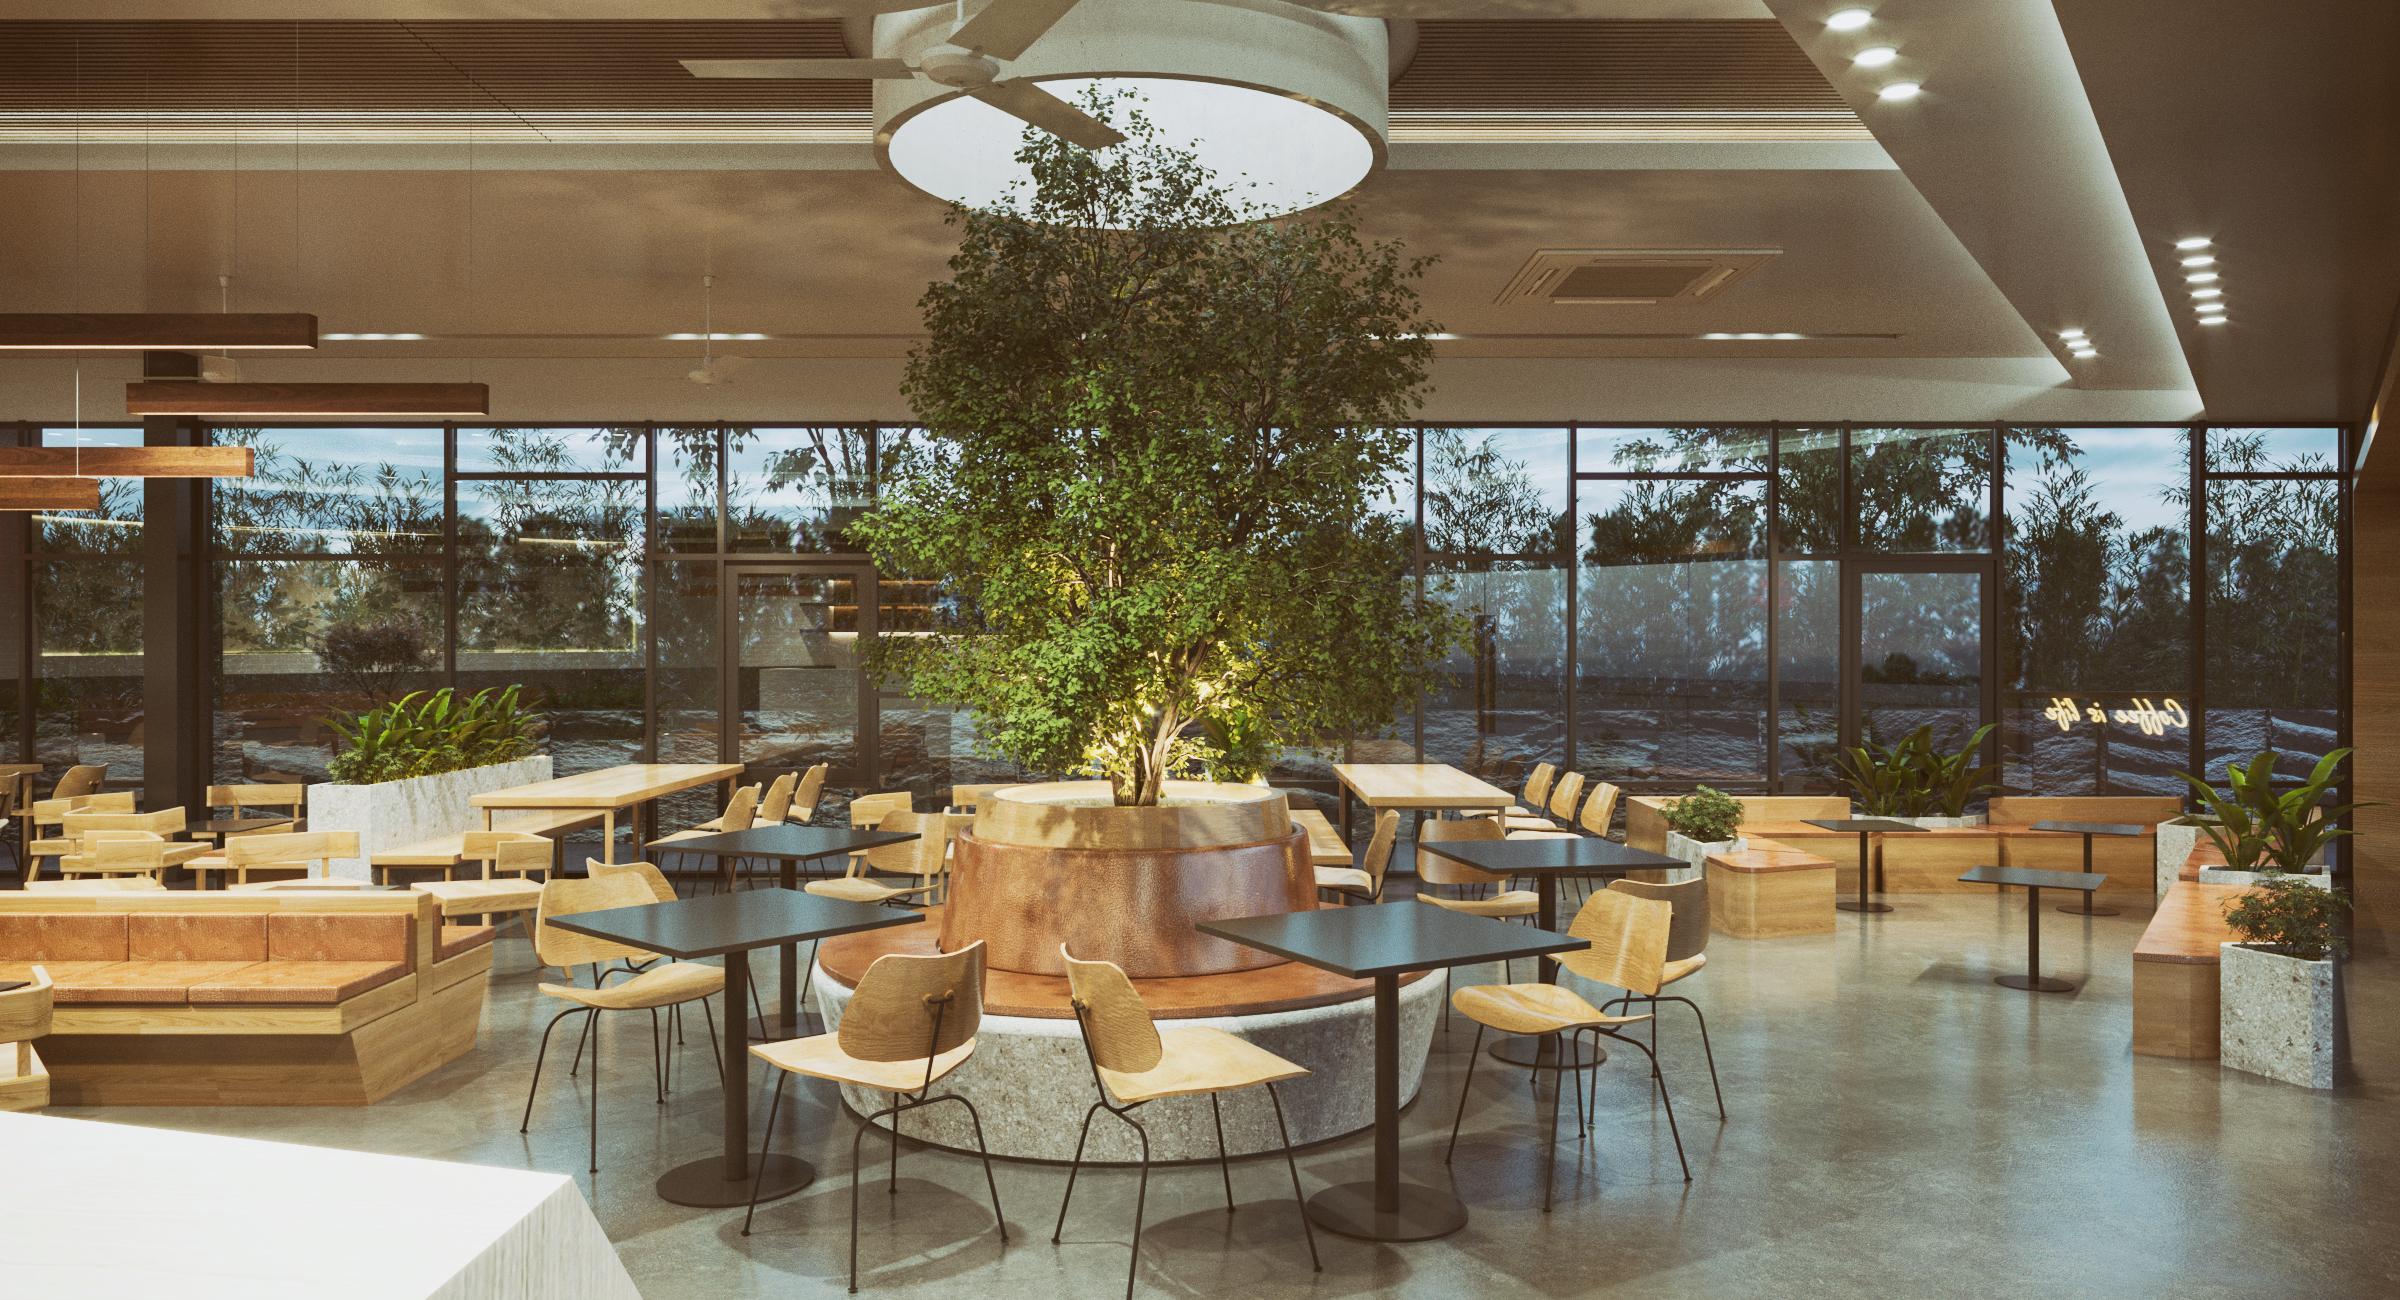 Thiết kế nội thất Cafe tại Long An Block house 1590076483 0